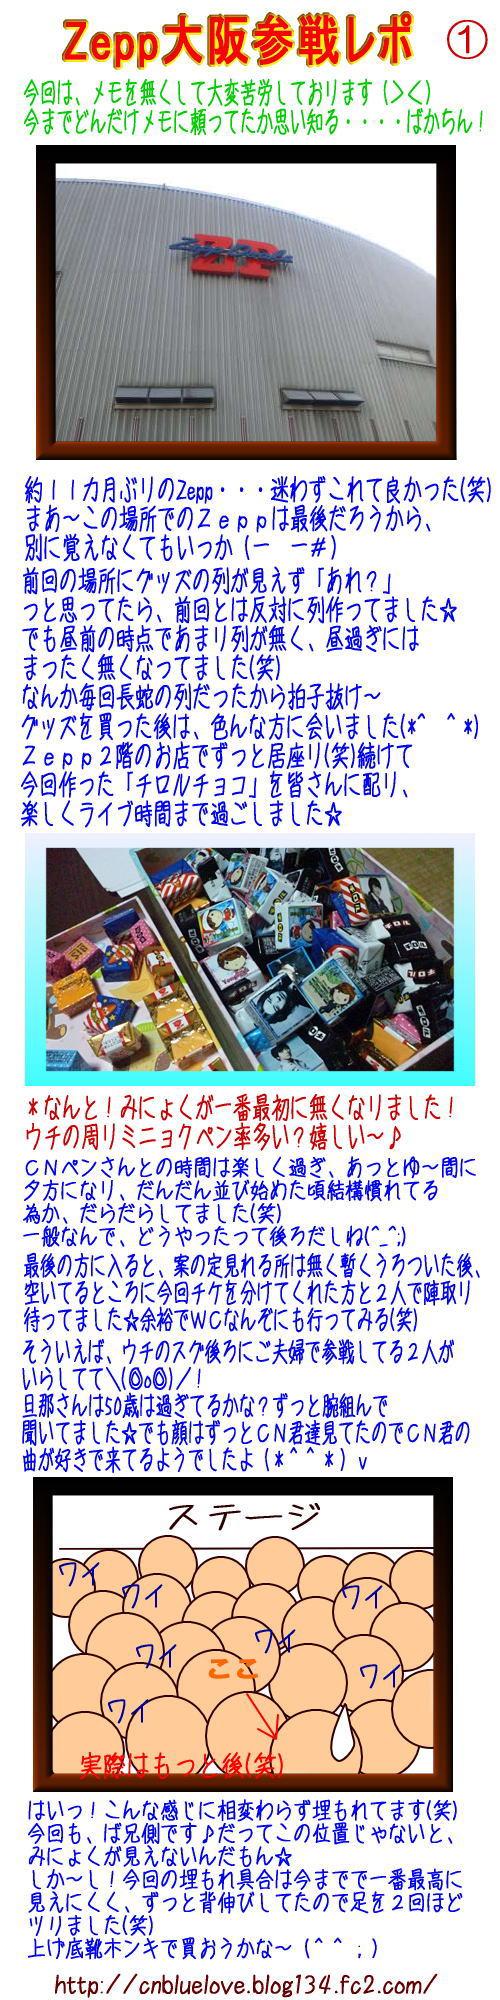 2011.12.14Zepp大阪レポ-1